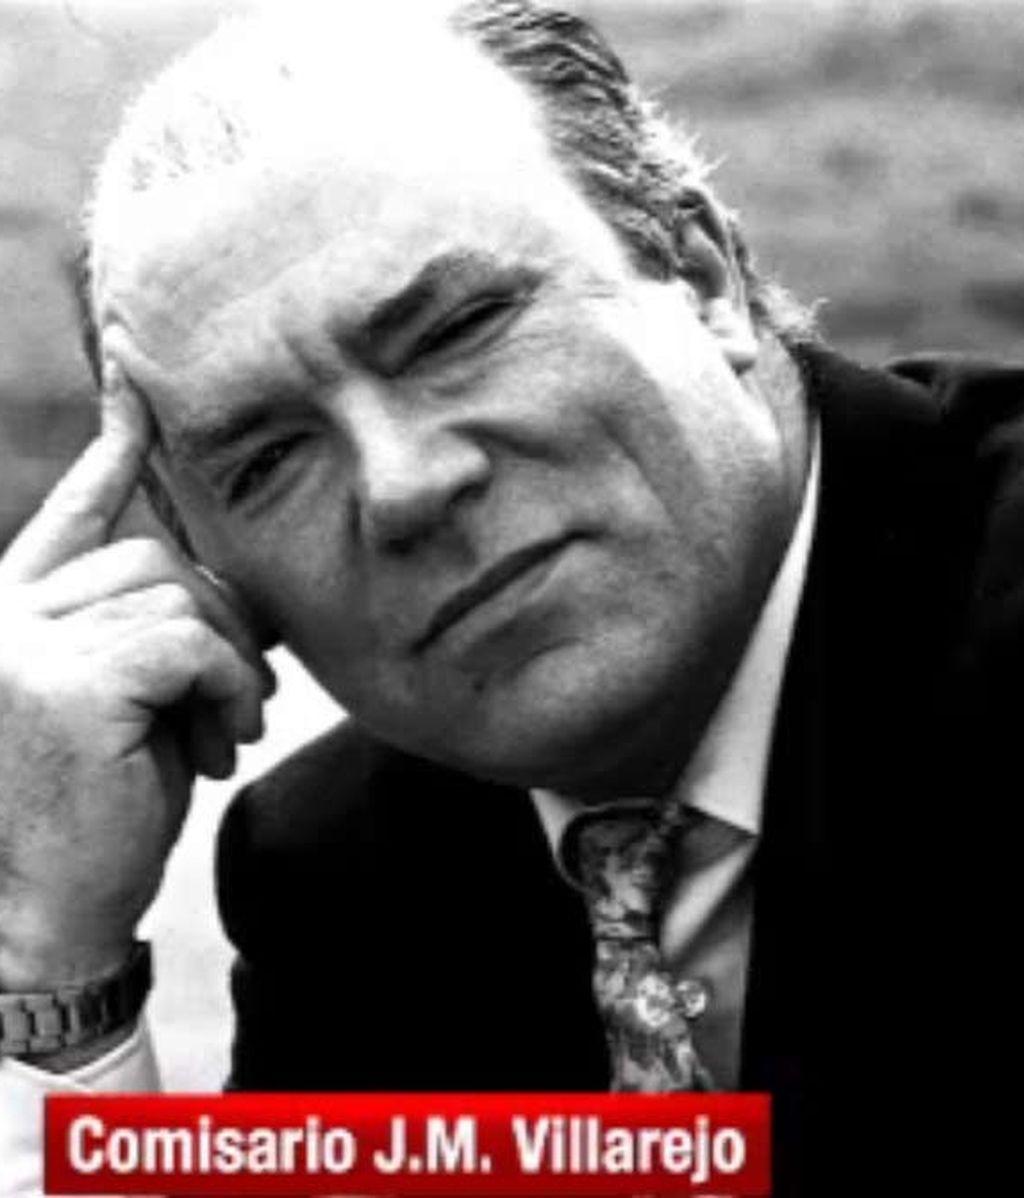 El comisario José Manuel Villarejo Pérez